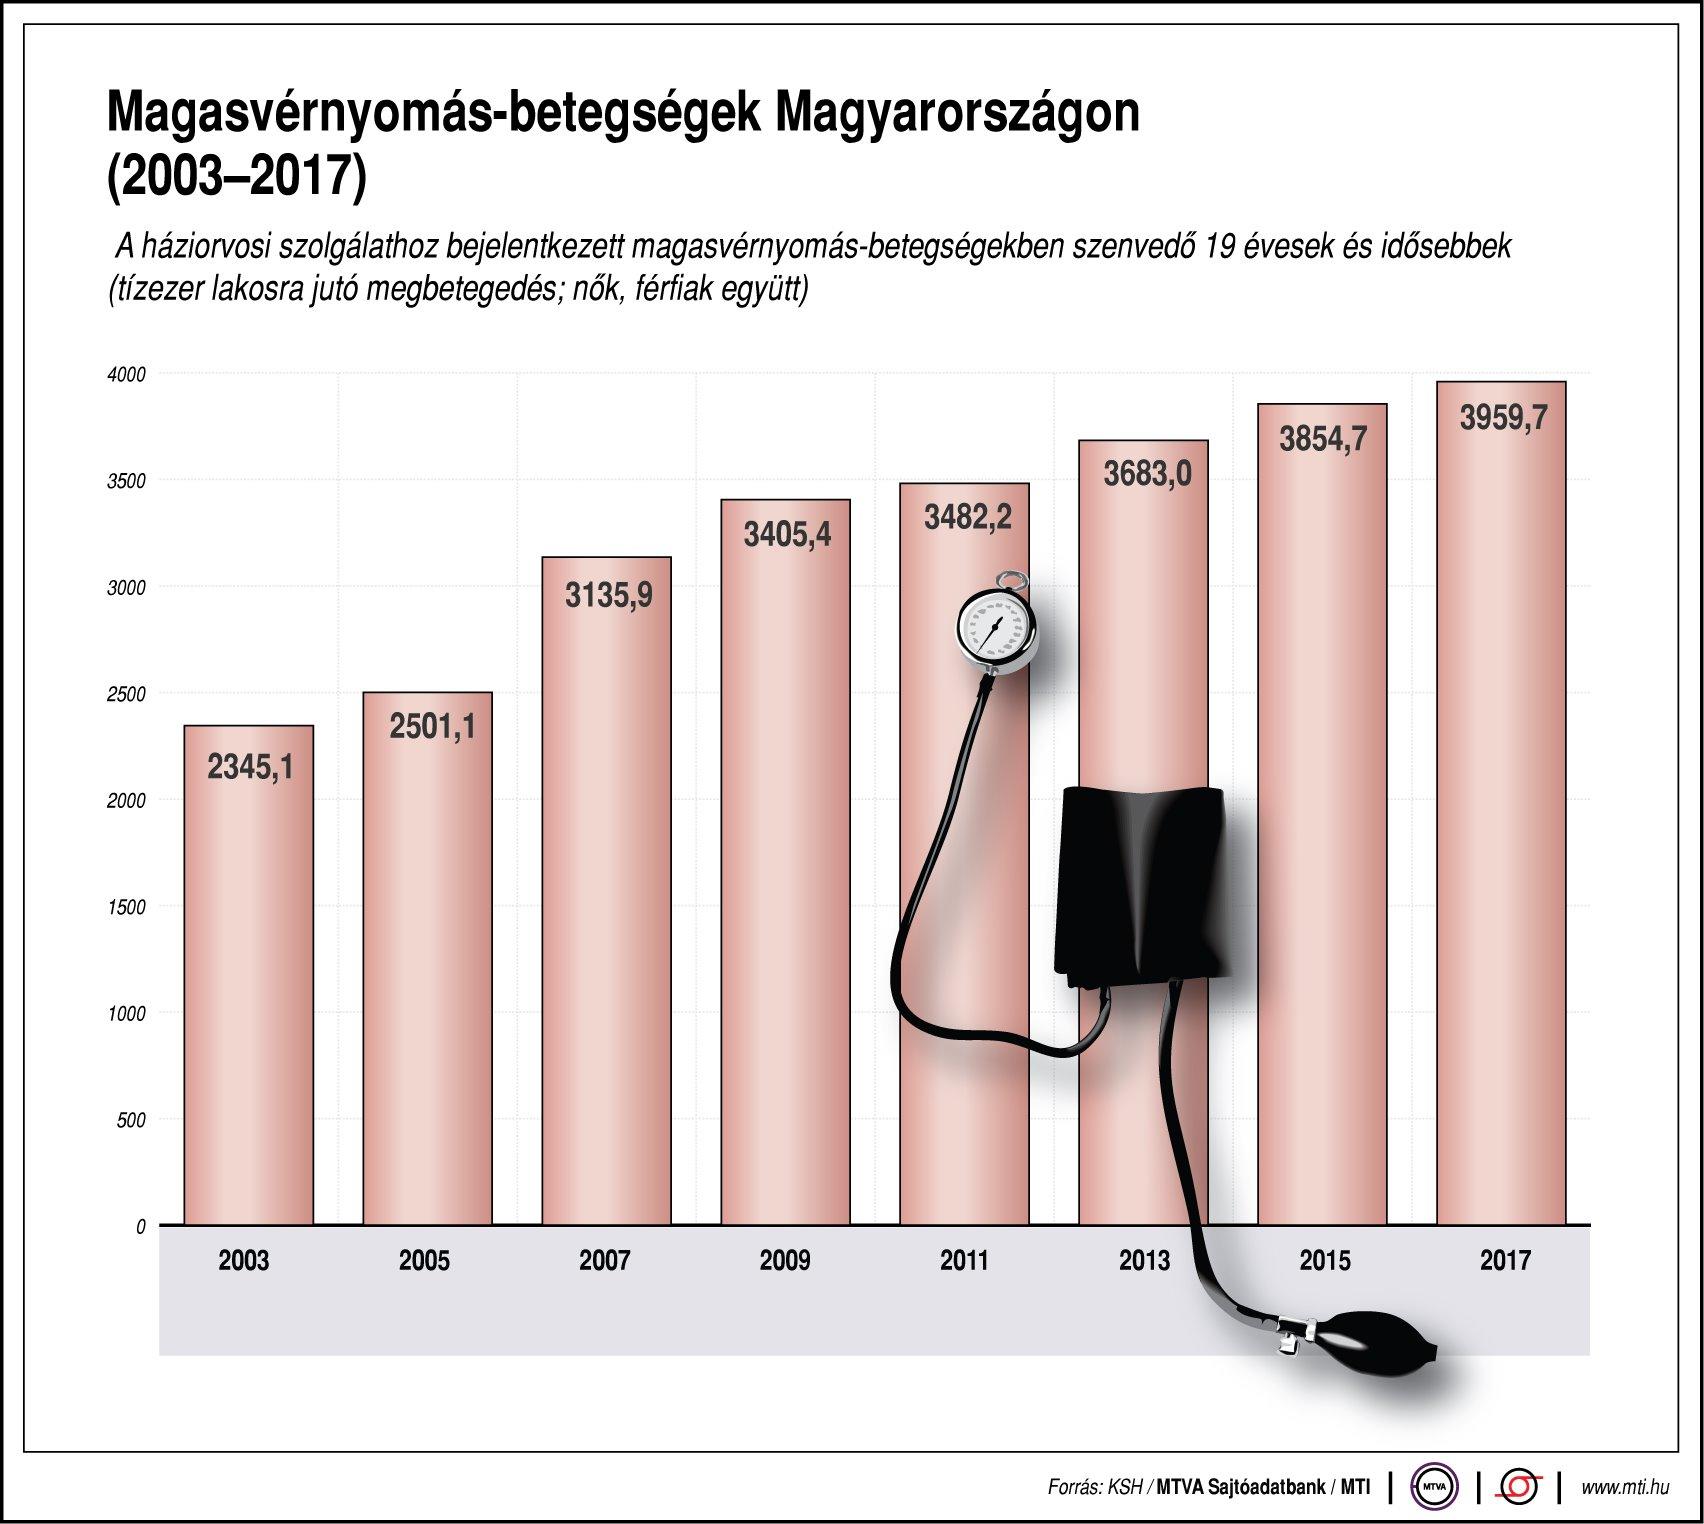 magas vérnyomás, ahol kezelik magas vérnyomás mikrobiális szerint 2 fok